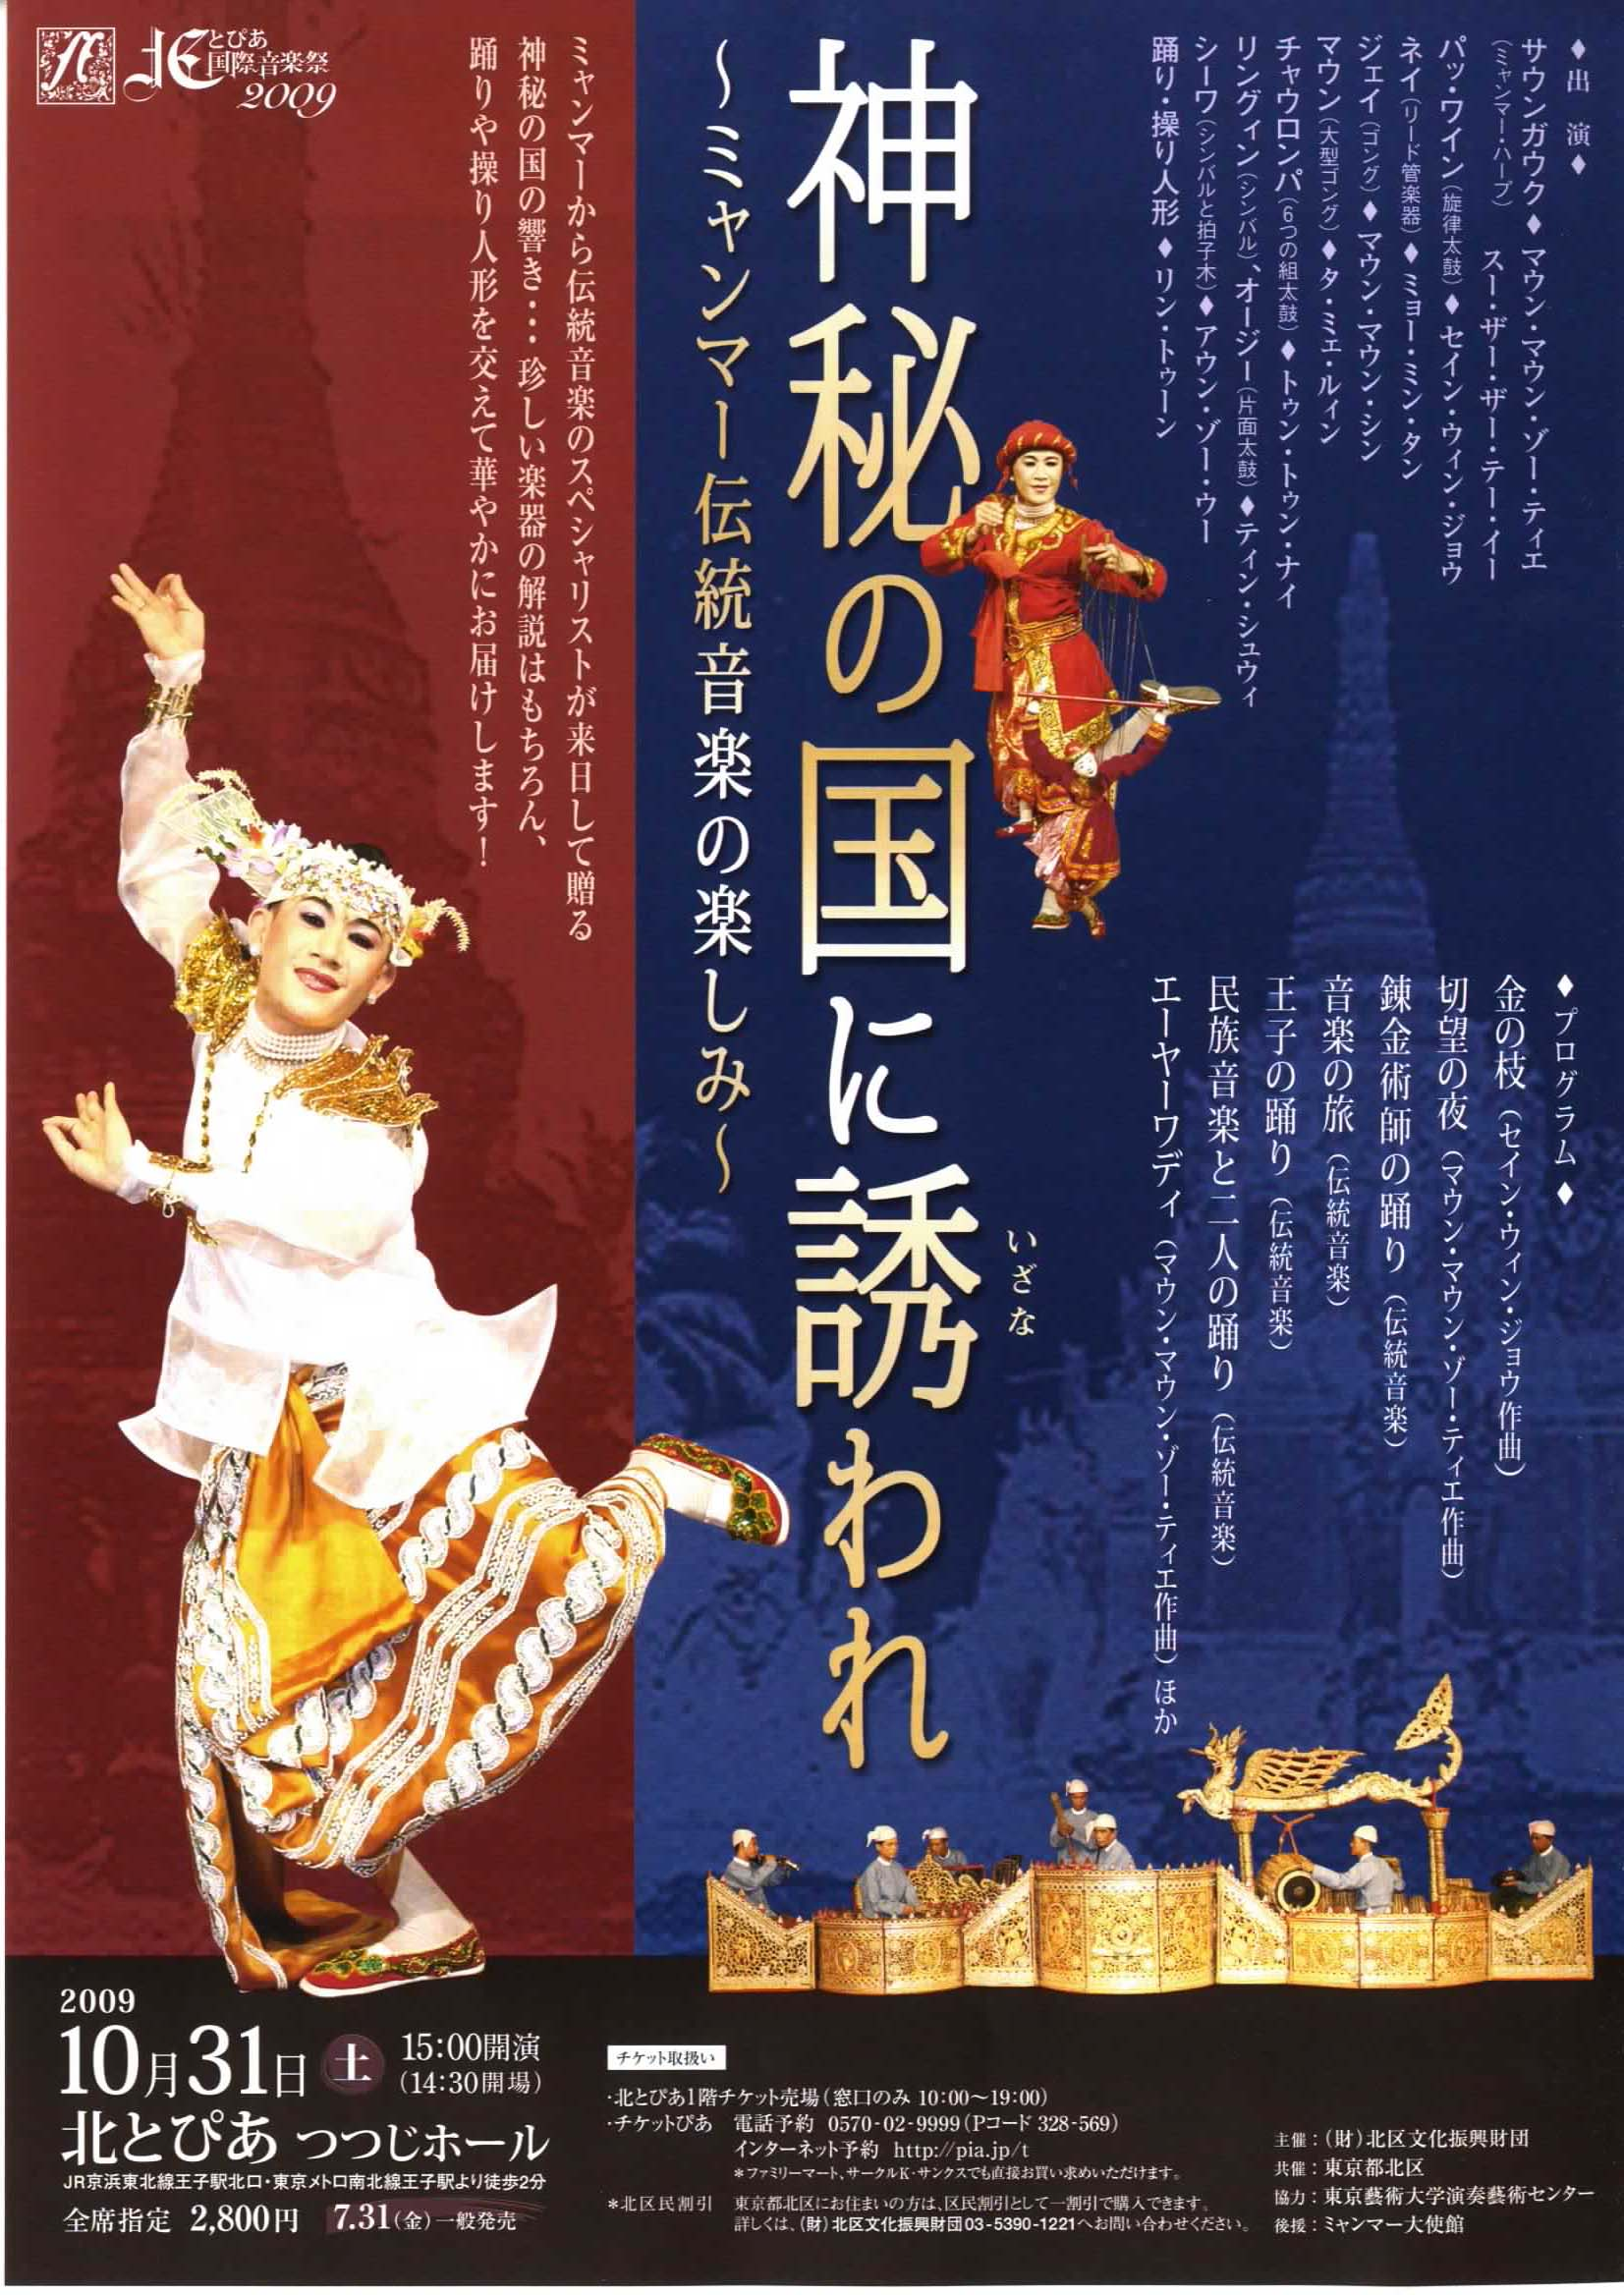 10月31日ミャンマー伝統音楽